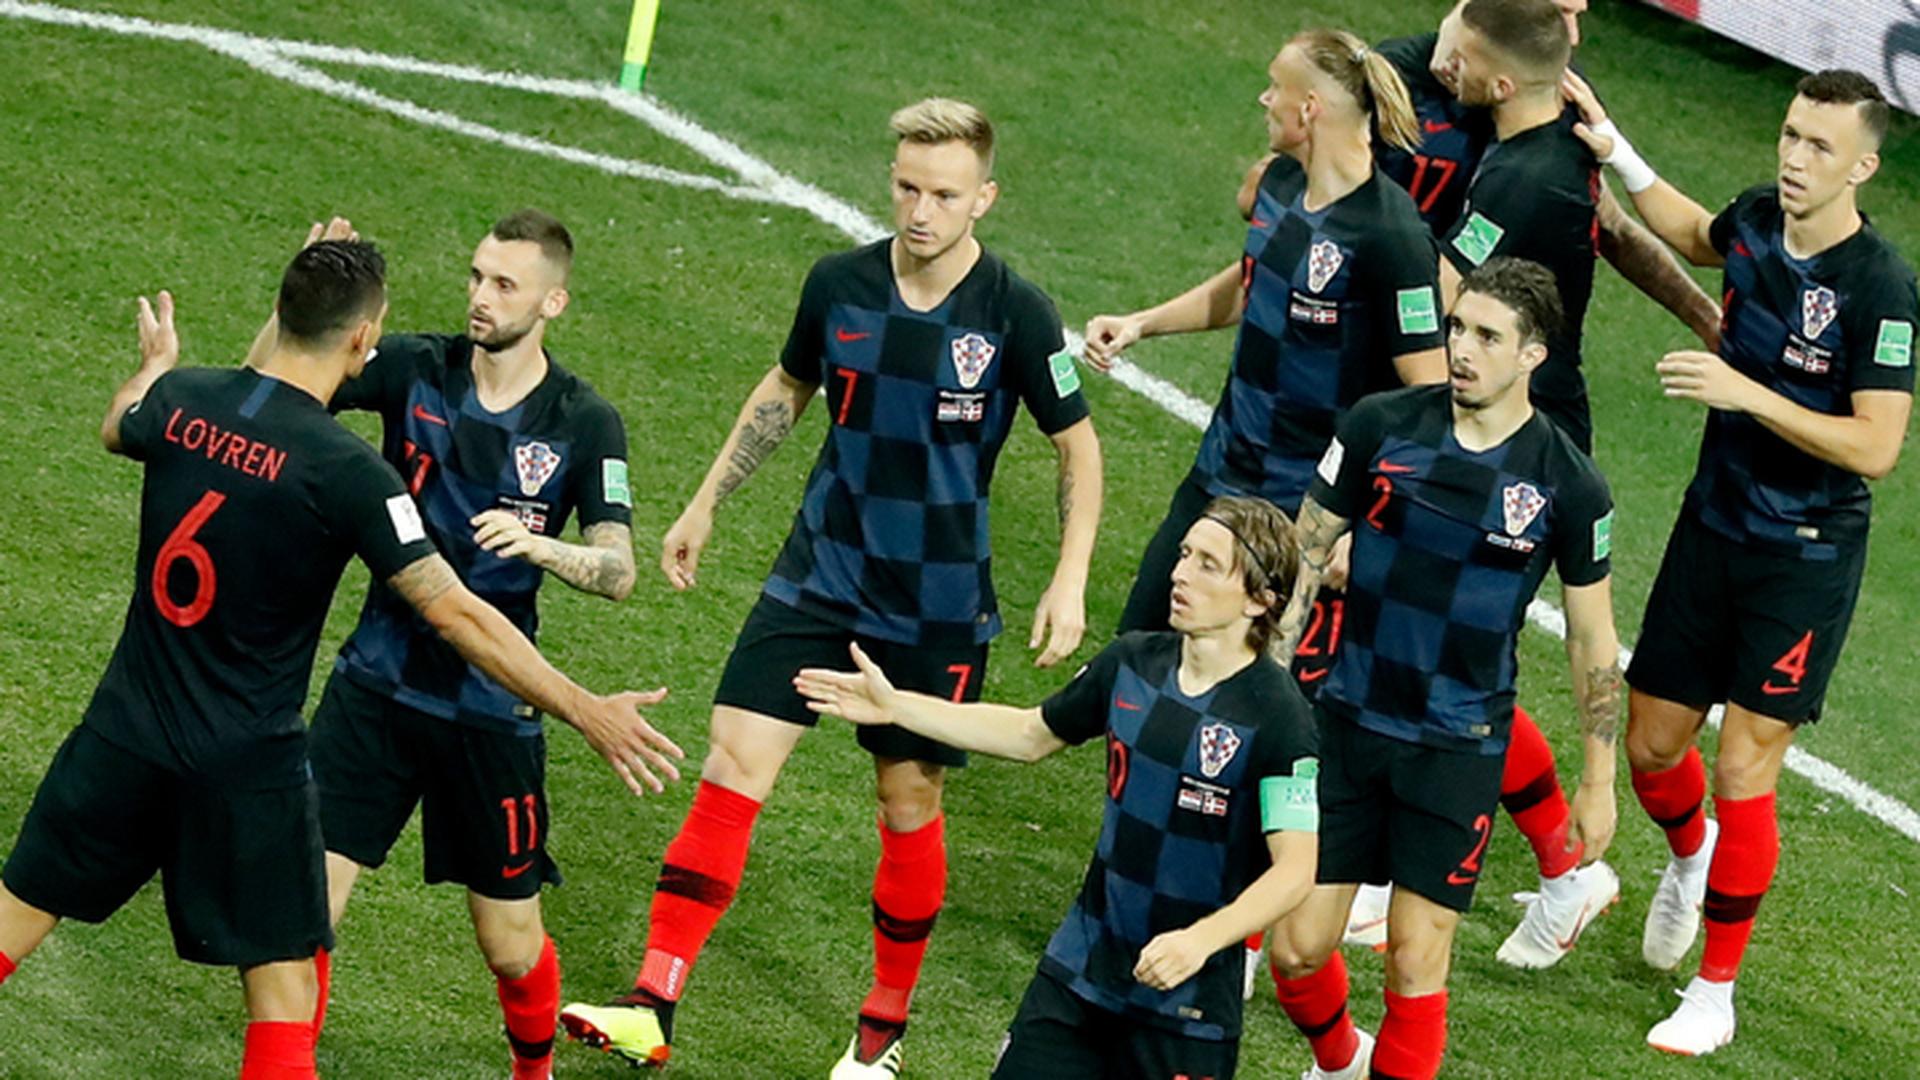 Игроки сборной Хорватии в гостевой форме 2018г.